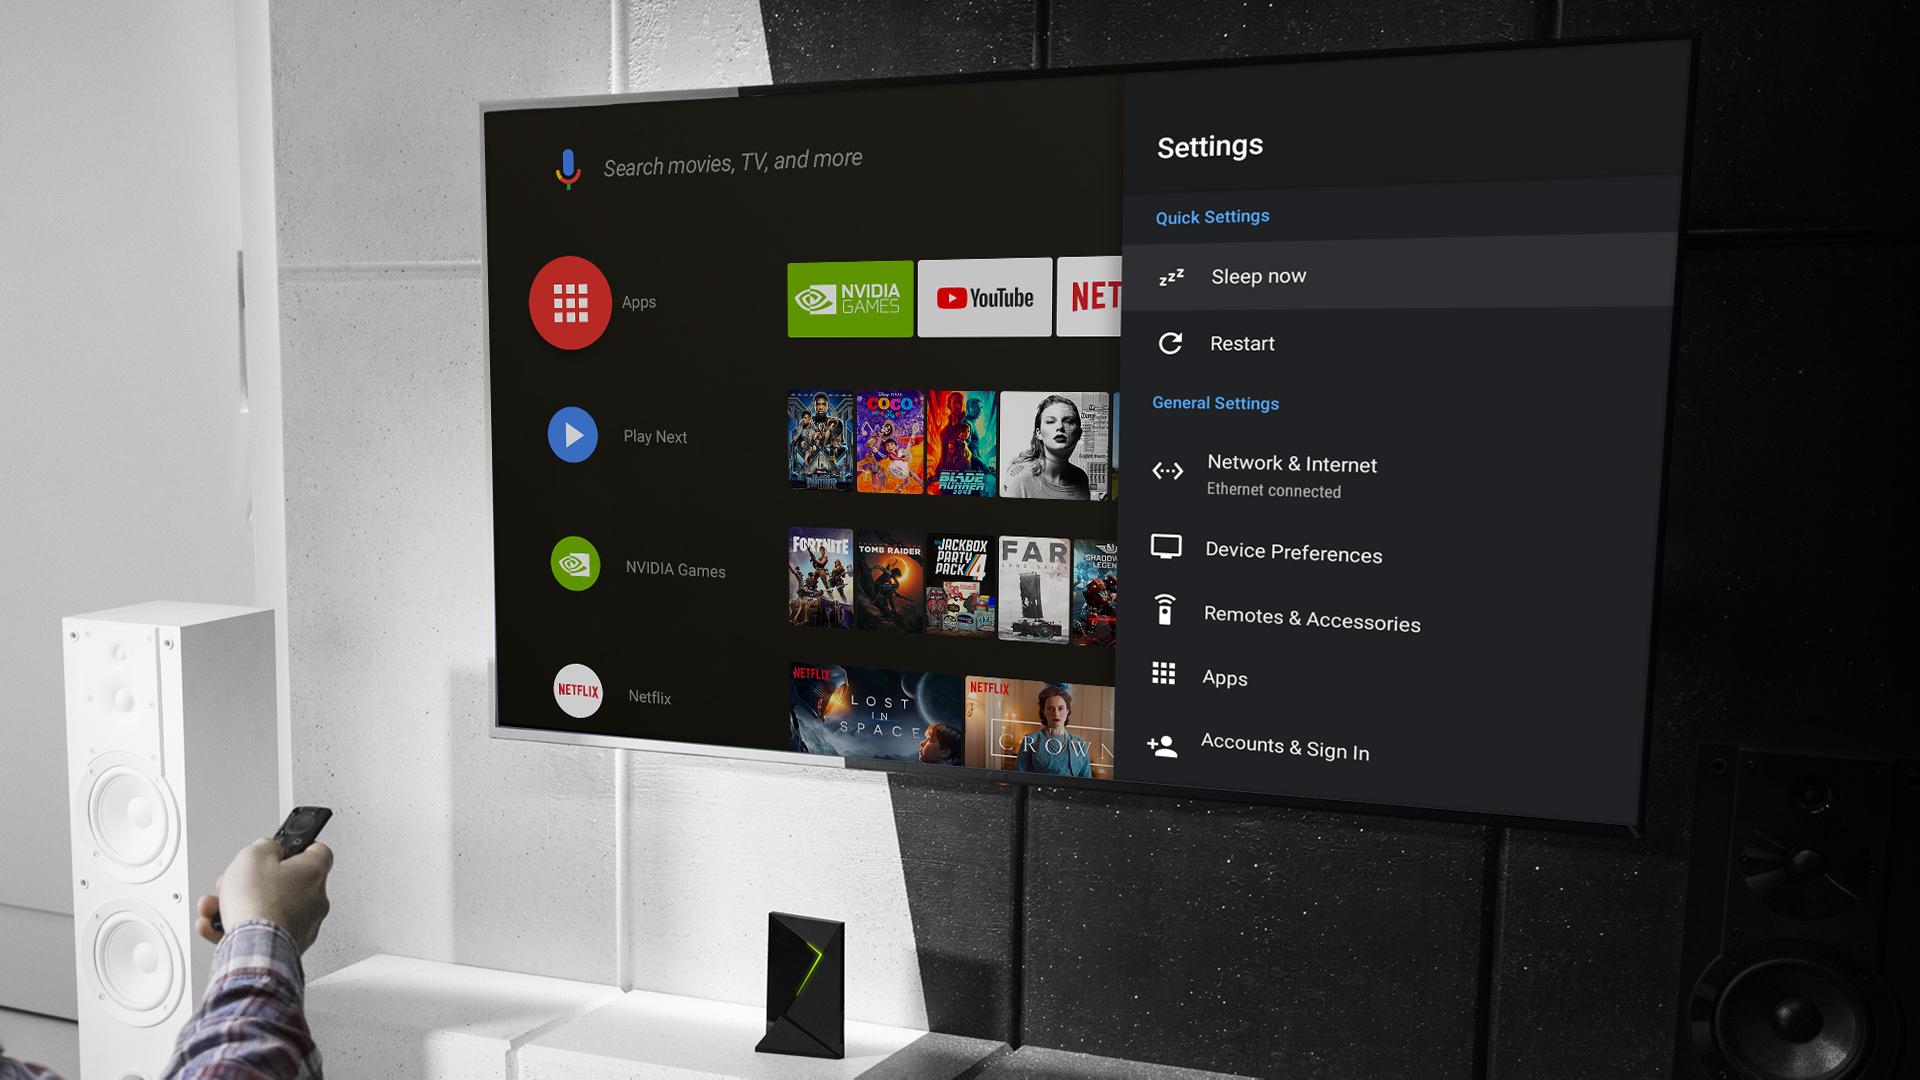 Nvidia Shield TV : 4 ans de mises à jour, Android 9.0 Pie est là